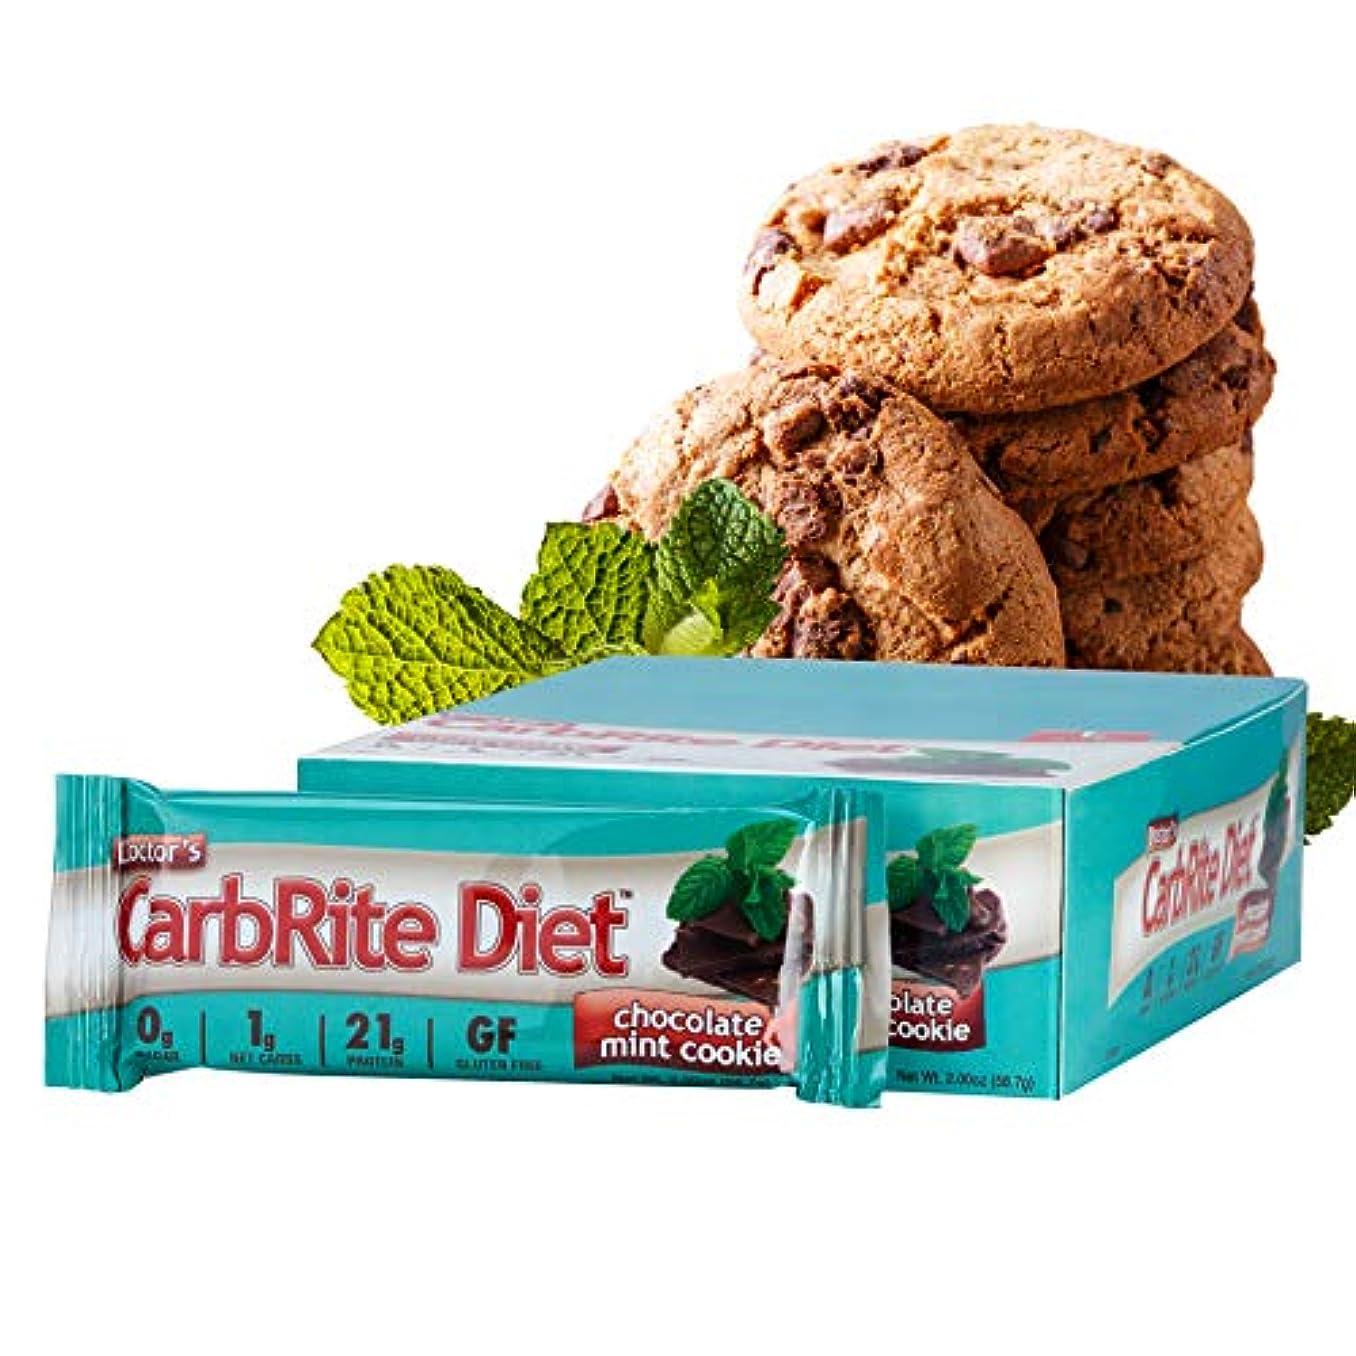 聖域想起反動ドクターズダイエット?カーボライト?バー?チョコレートミントクッキー 12本